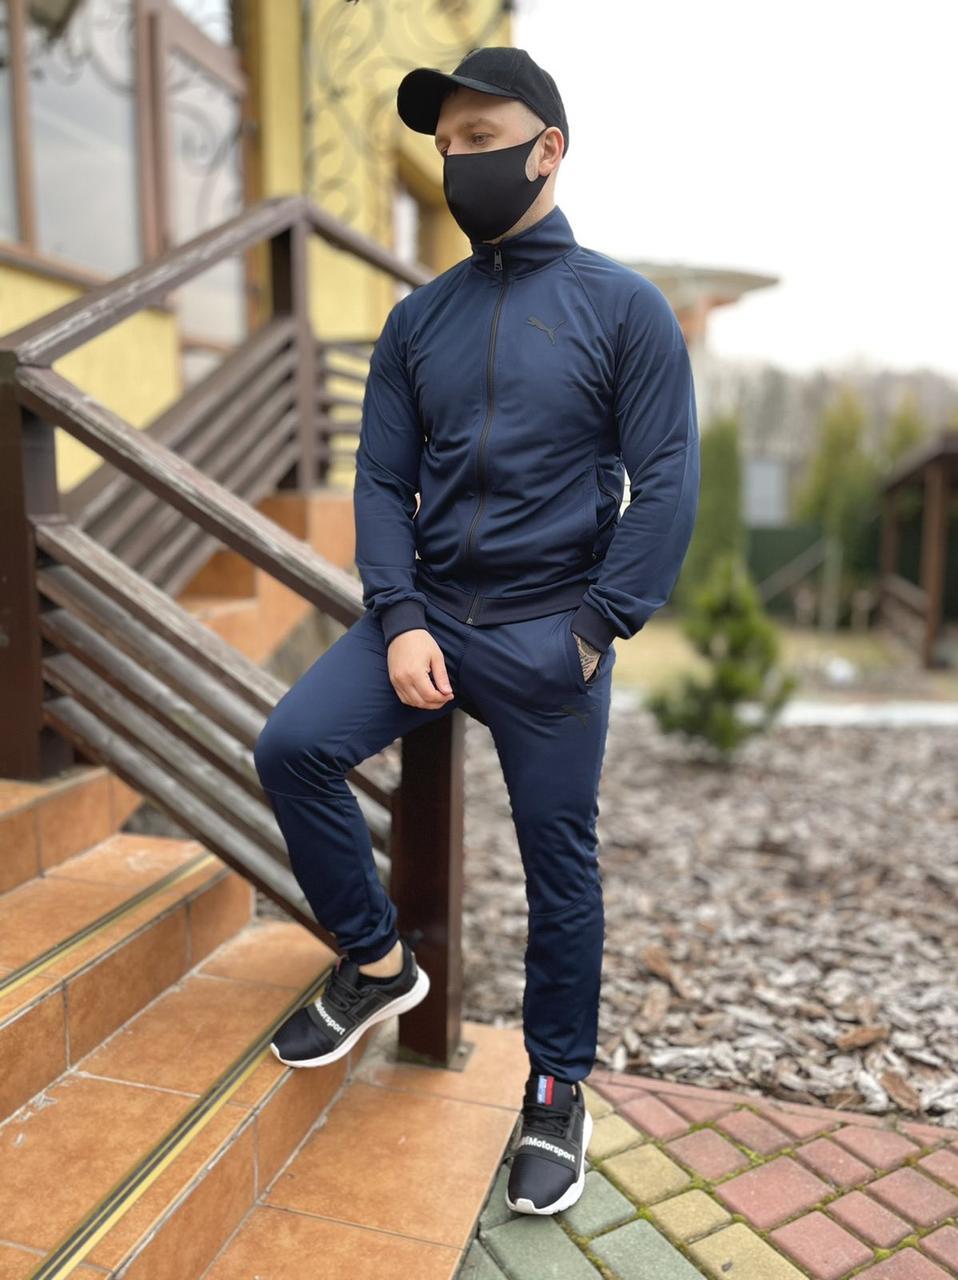 Спортивный костюм мужской Puma темно-синий, качественный костюм для мужчины весенний осенний летний пума